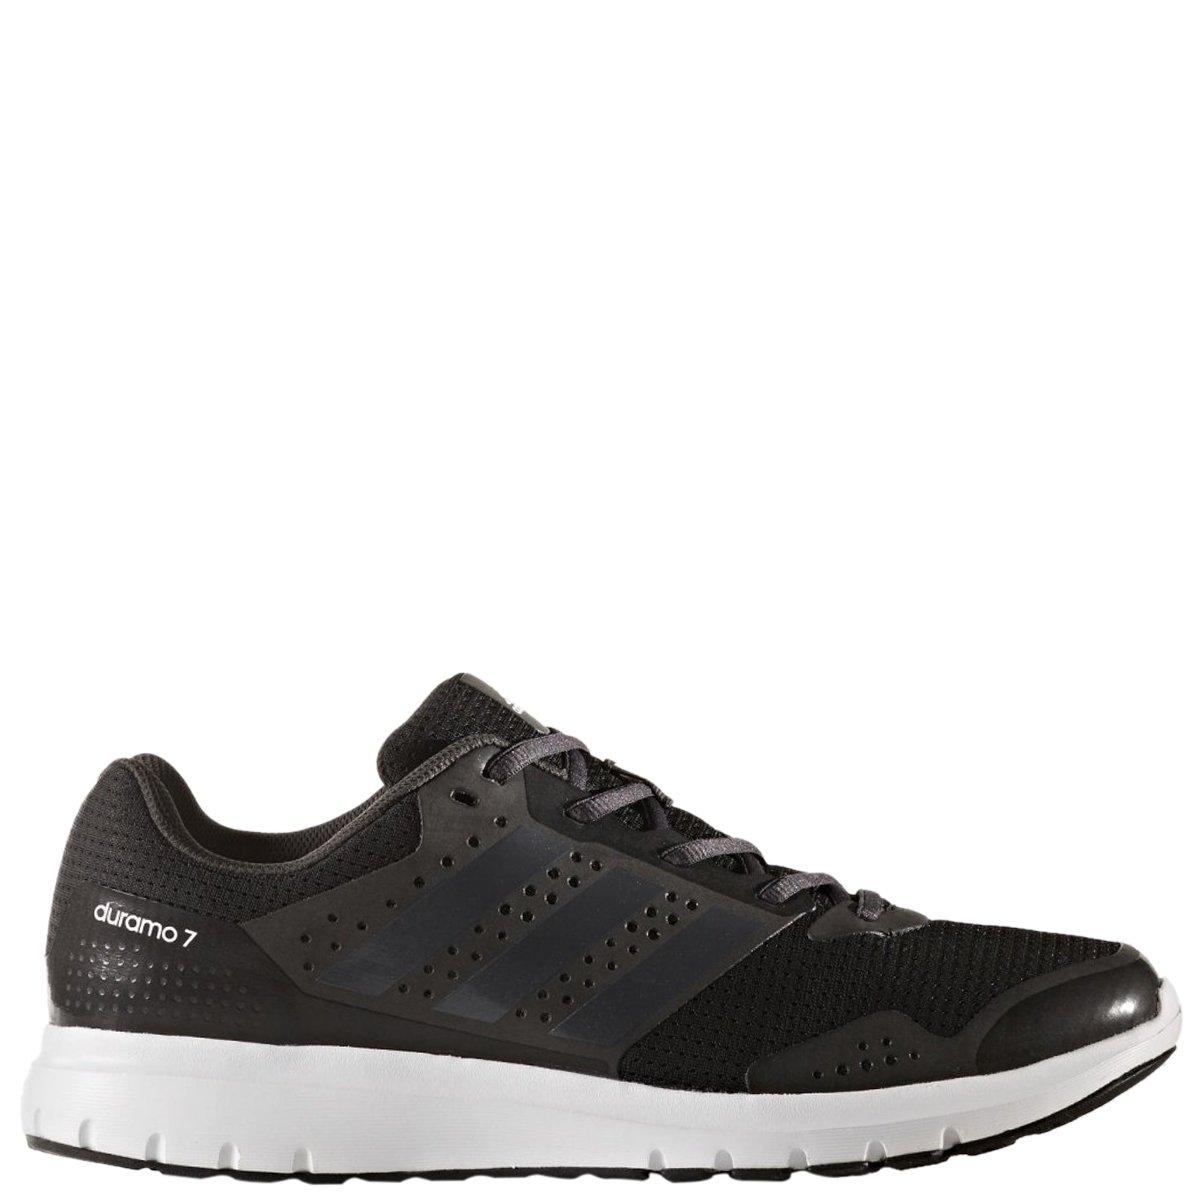 0e7eb2fae Bizz Store - Tênis Masculino Adidas Duramo 7 Corrida